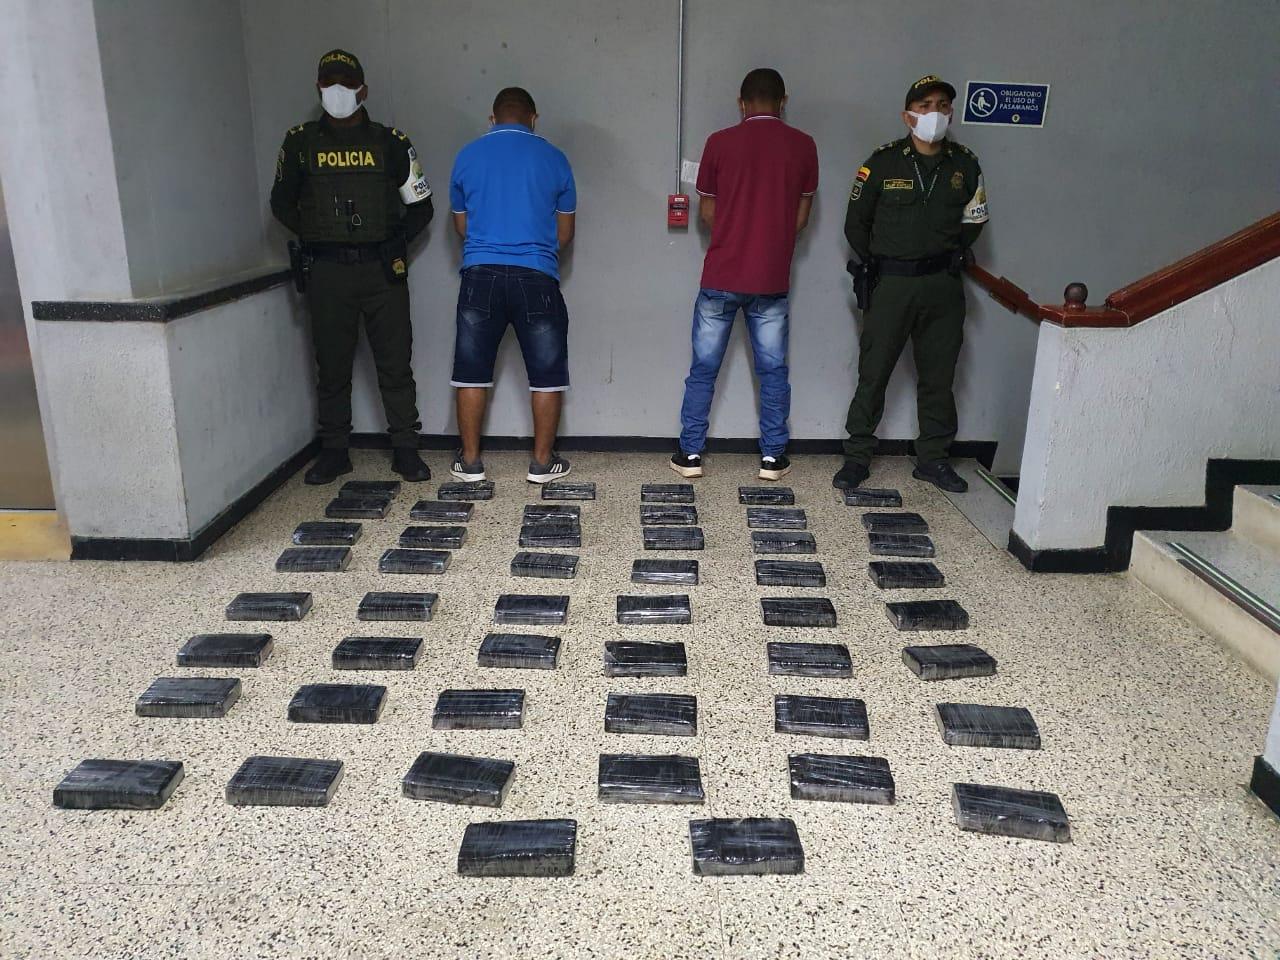 hoyennoticia.com, 50 kilos coca caen cerca a Mayapo